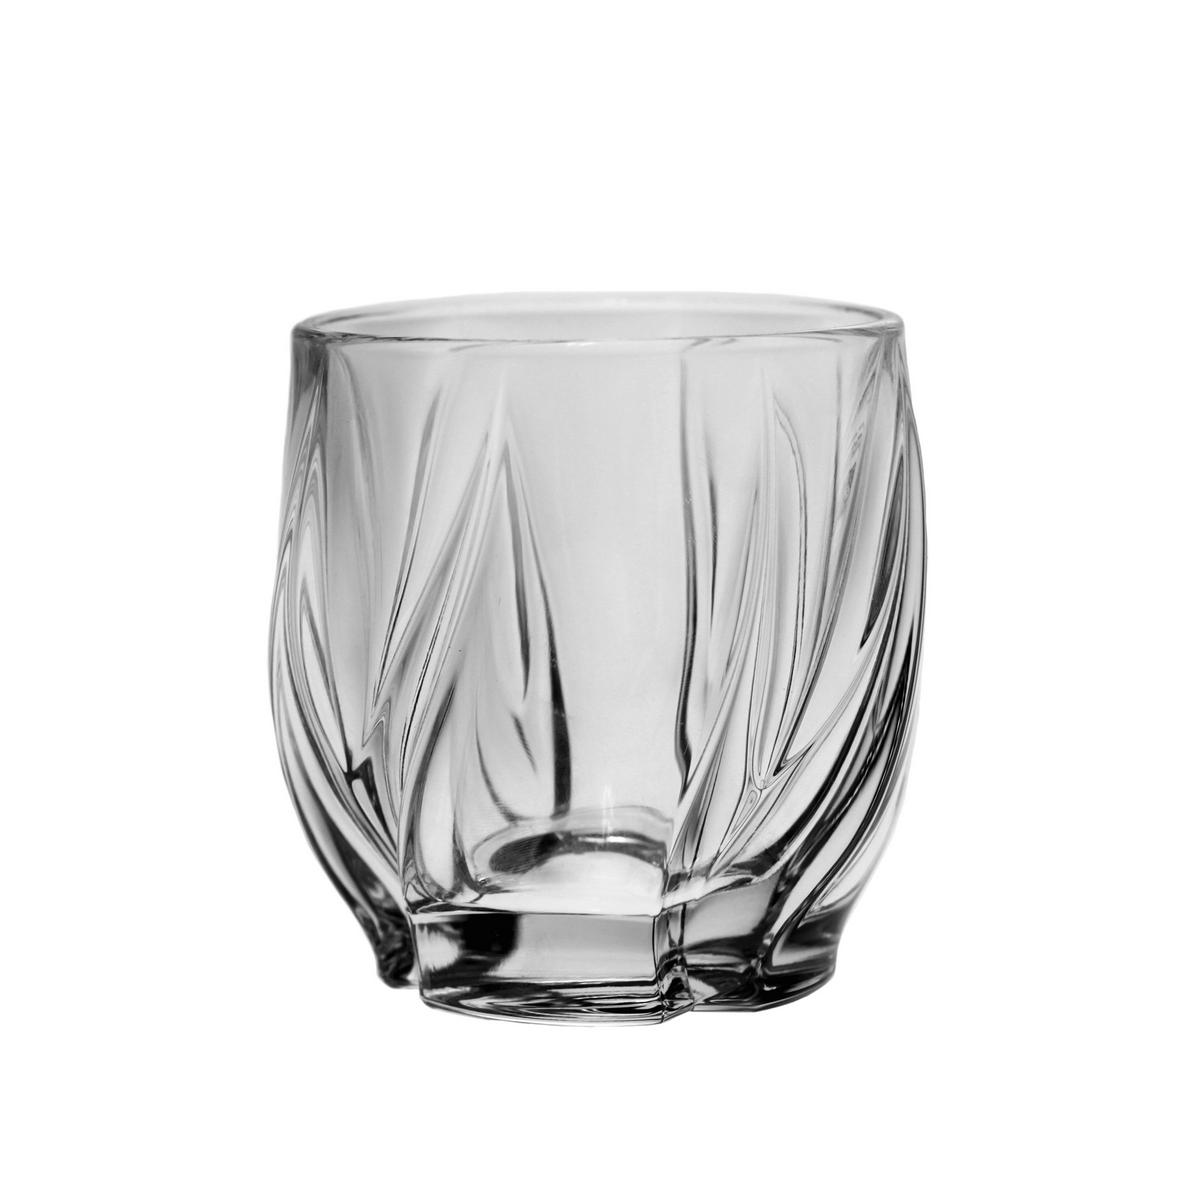 BROMELIAS Set 6 pahare cristal Bohemia whisky 350 ml